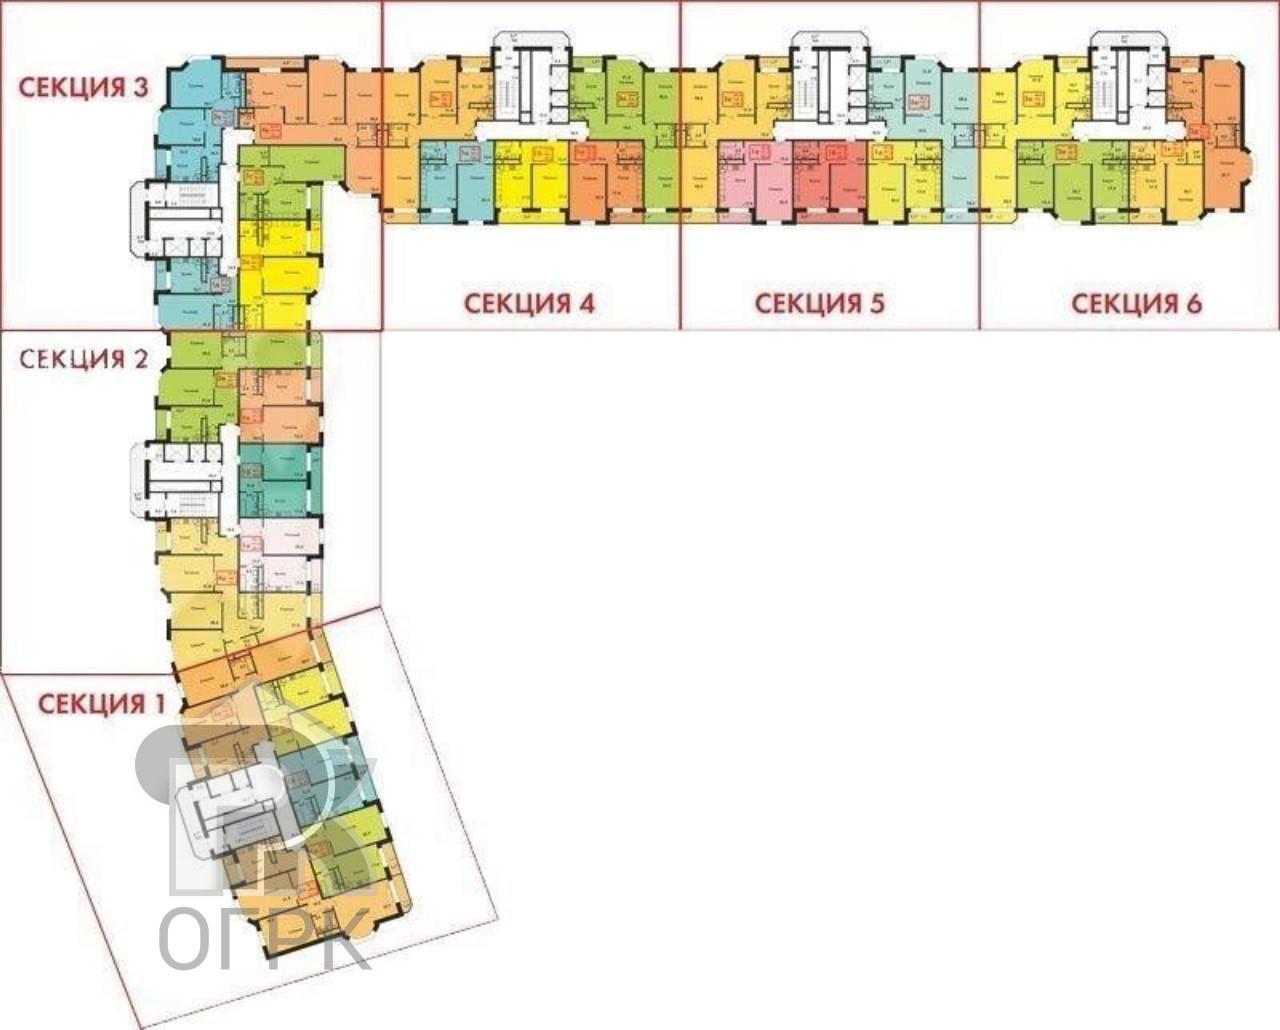 Купить 3-комнатную квартиру, город Котельники, Котельники, ул. Строителей, д.5, №312263